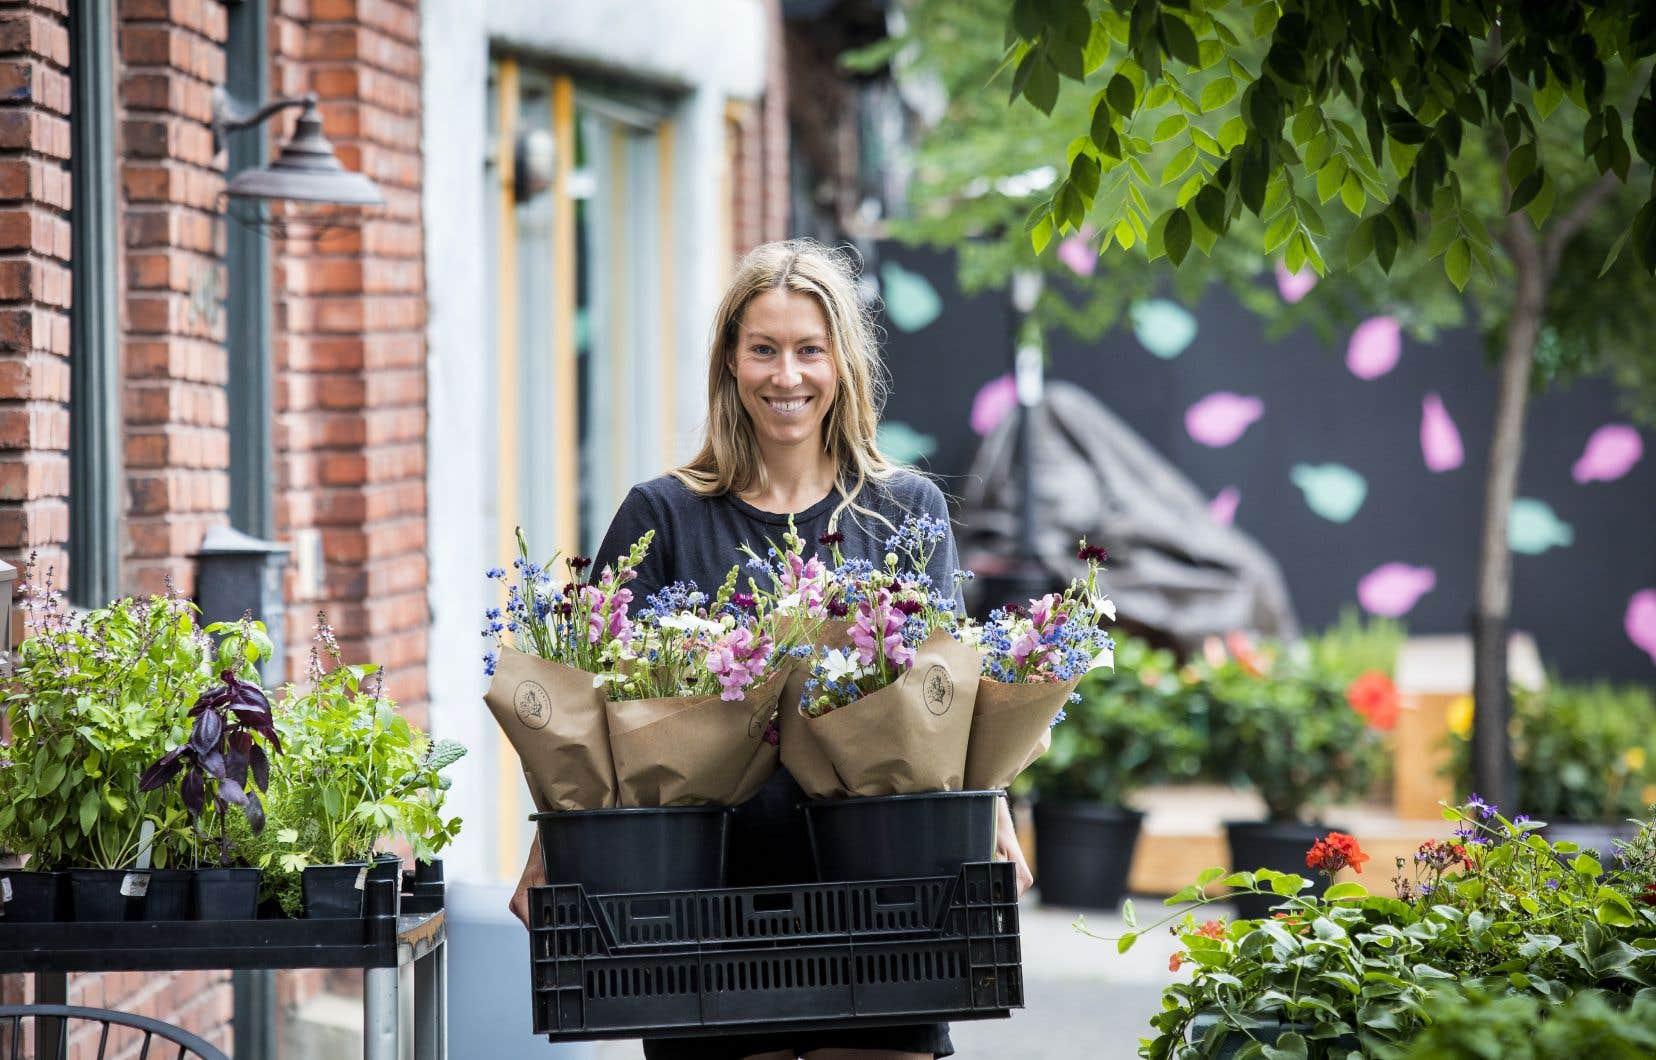 Depuis deux ans, Ariane Desjardins est propriétaire de sa ferme, Fleurs&Fille, dans la municipalité estrienne de Bonsecours.